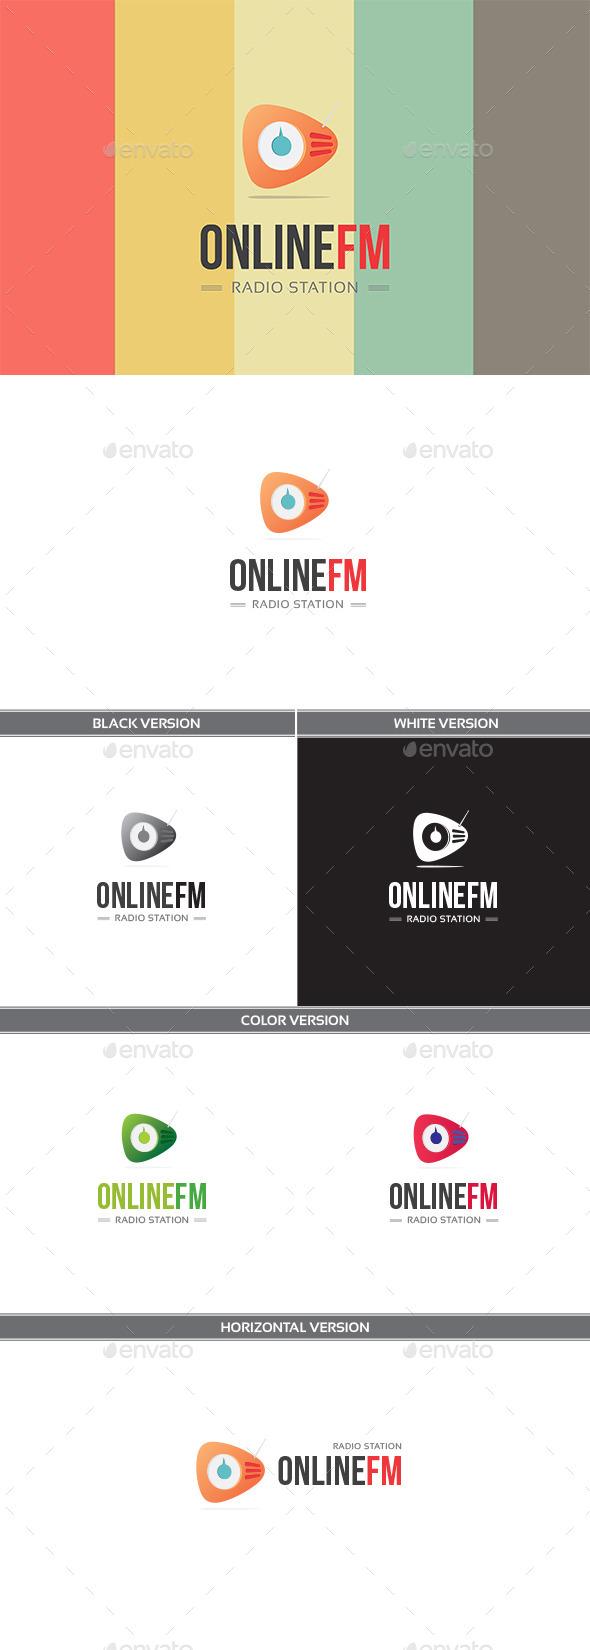 GraphicRiver Onlinefm 11370201